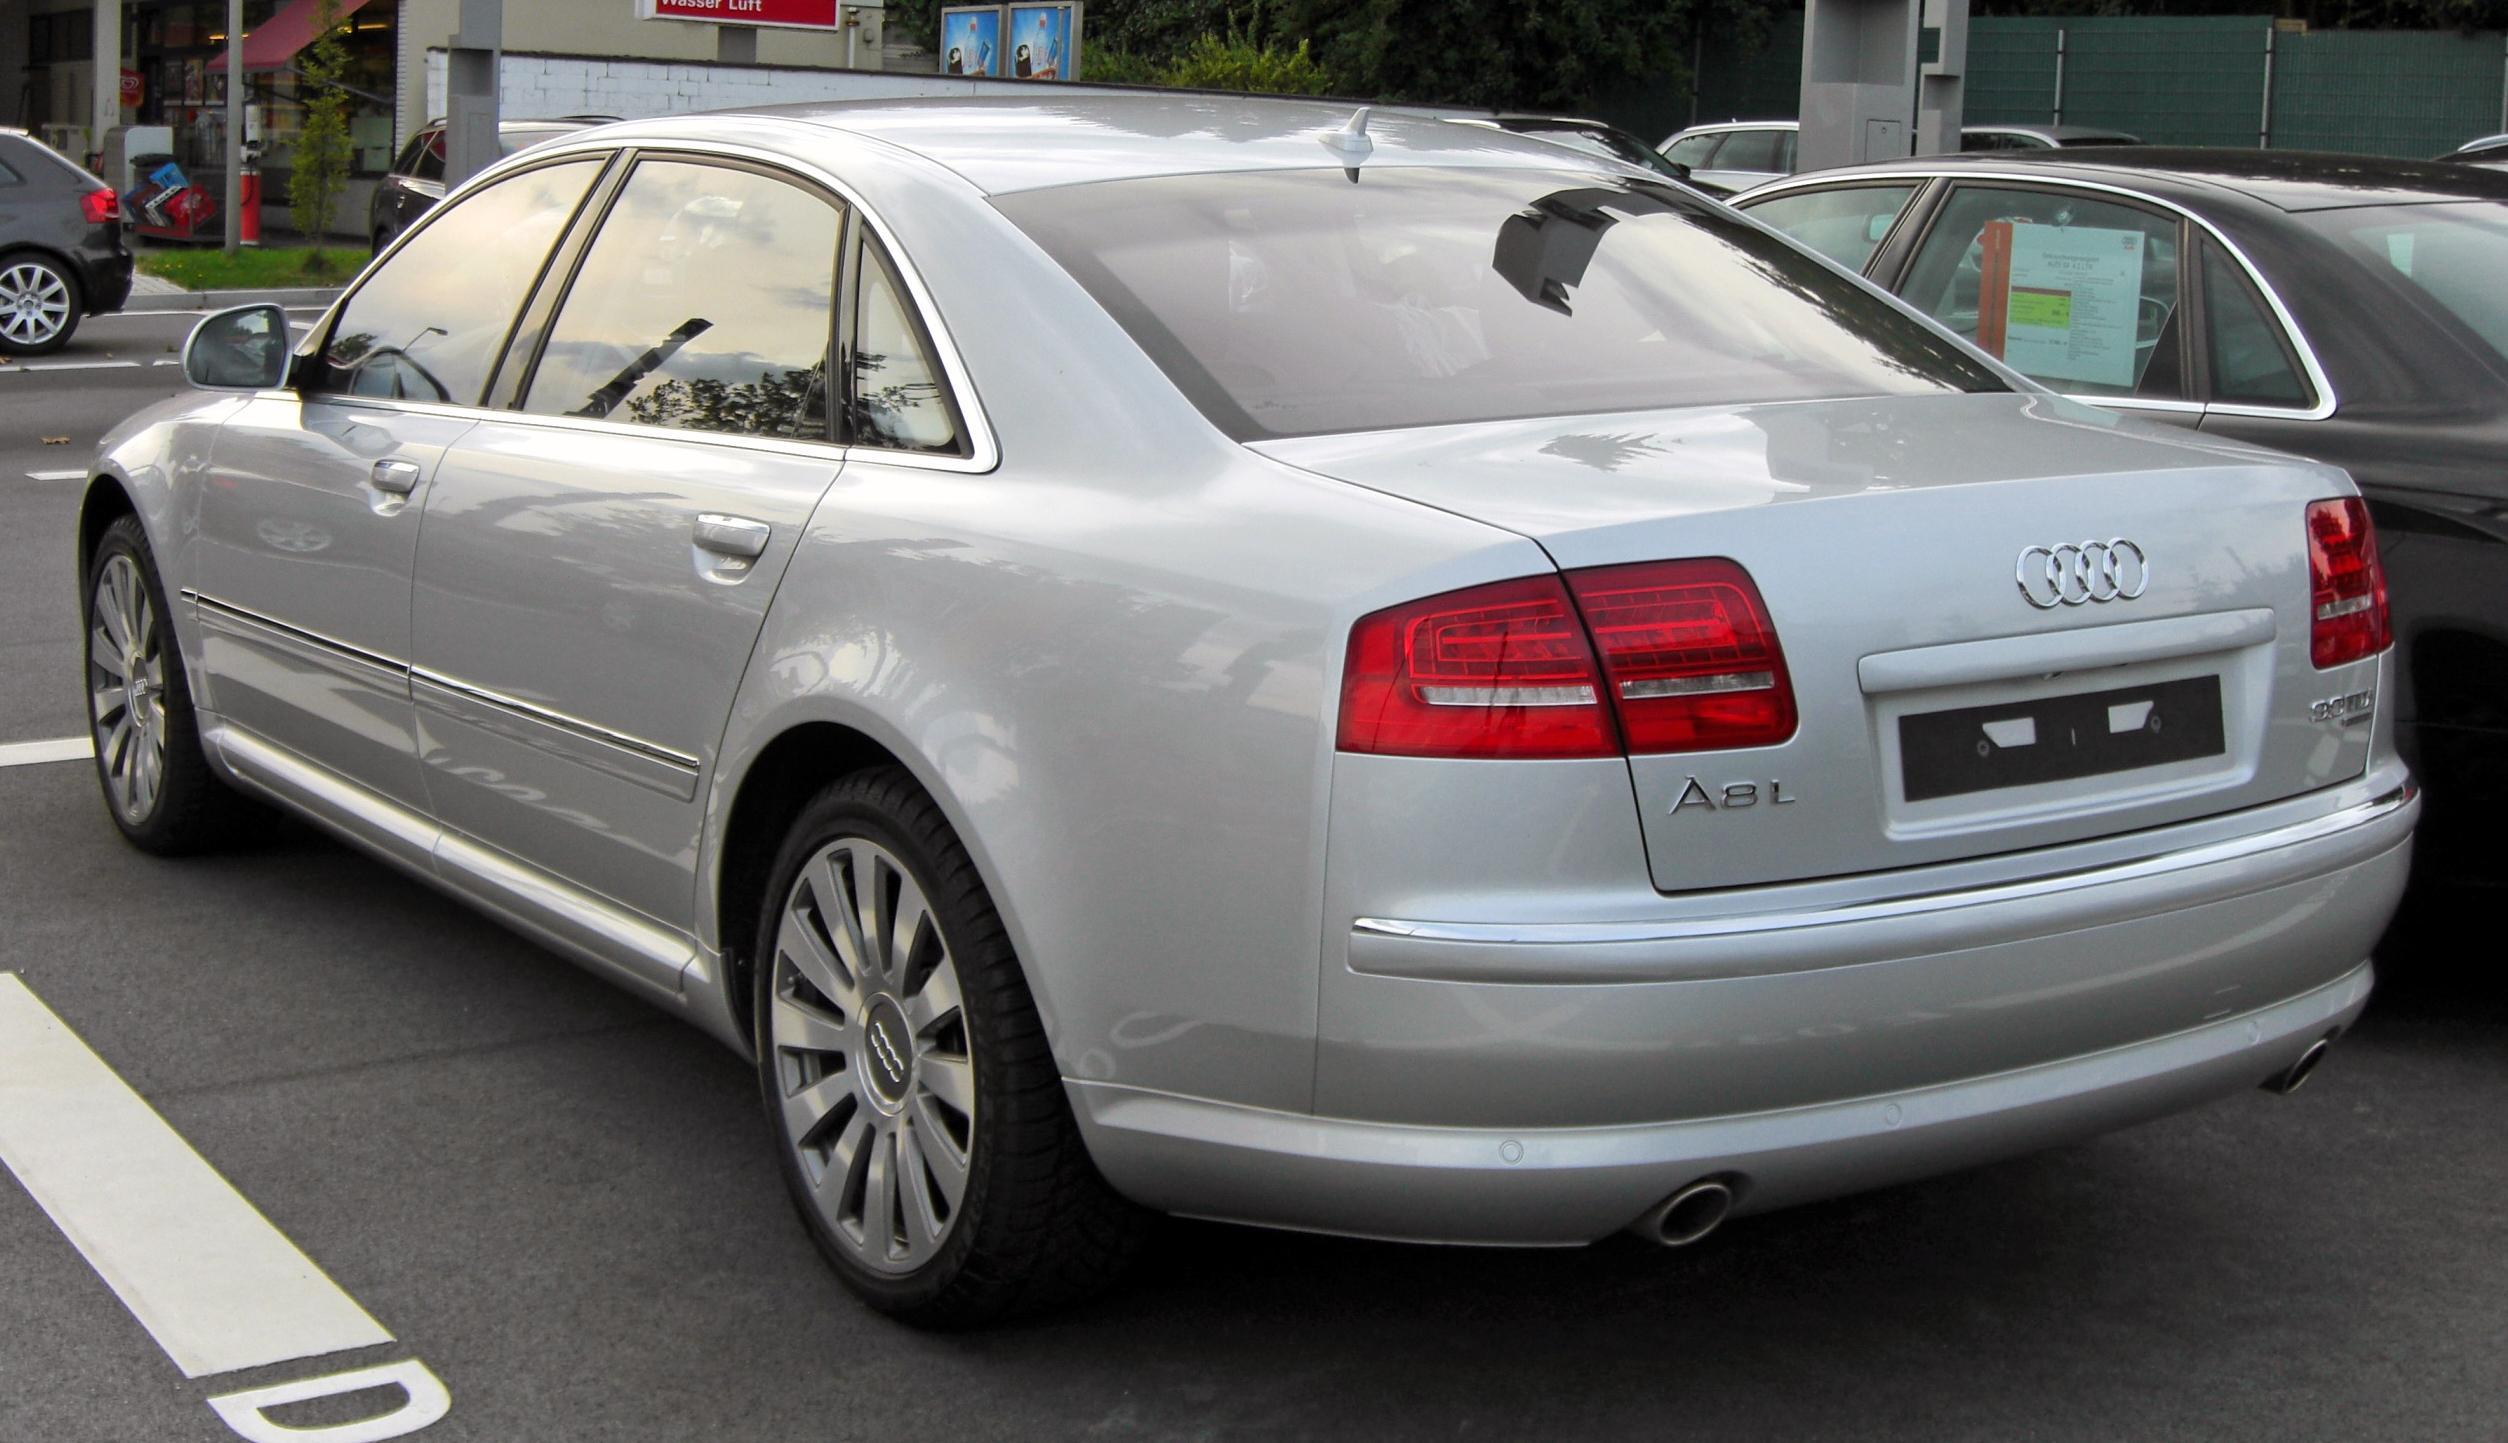 File:Audi A8 L D3 II.Facelift 20090720 rear.JPG - Wikimedia Commons